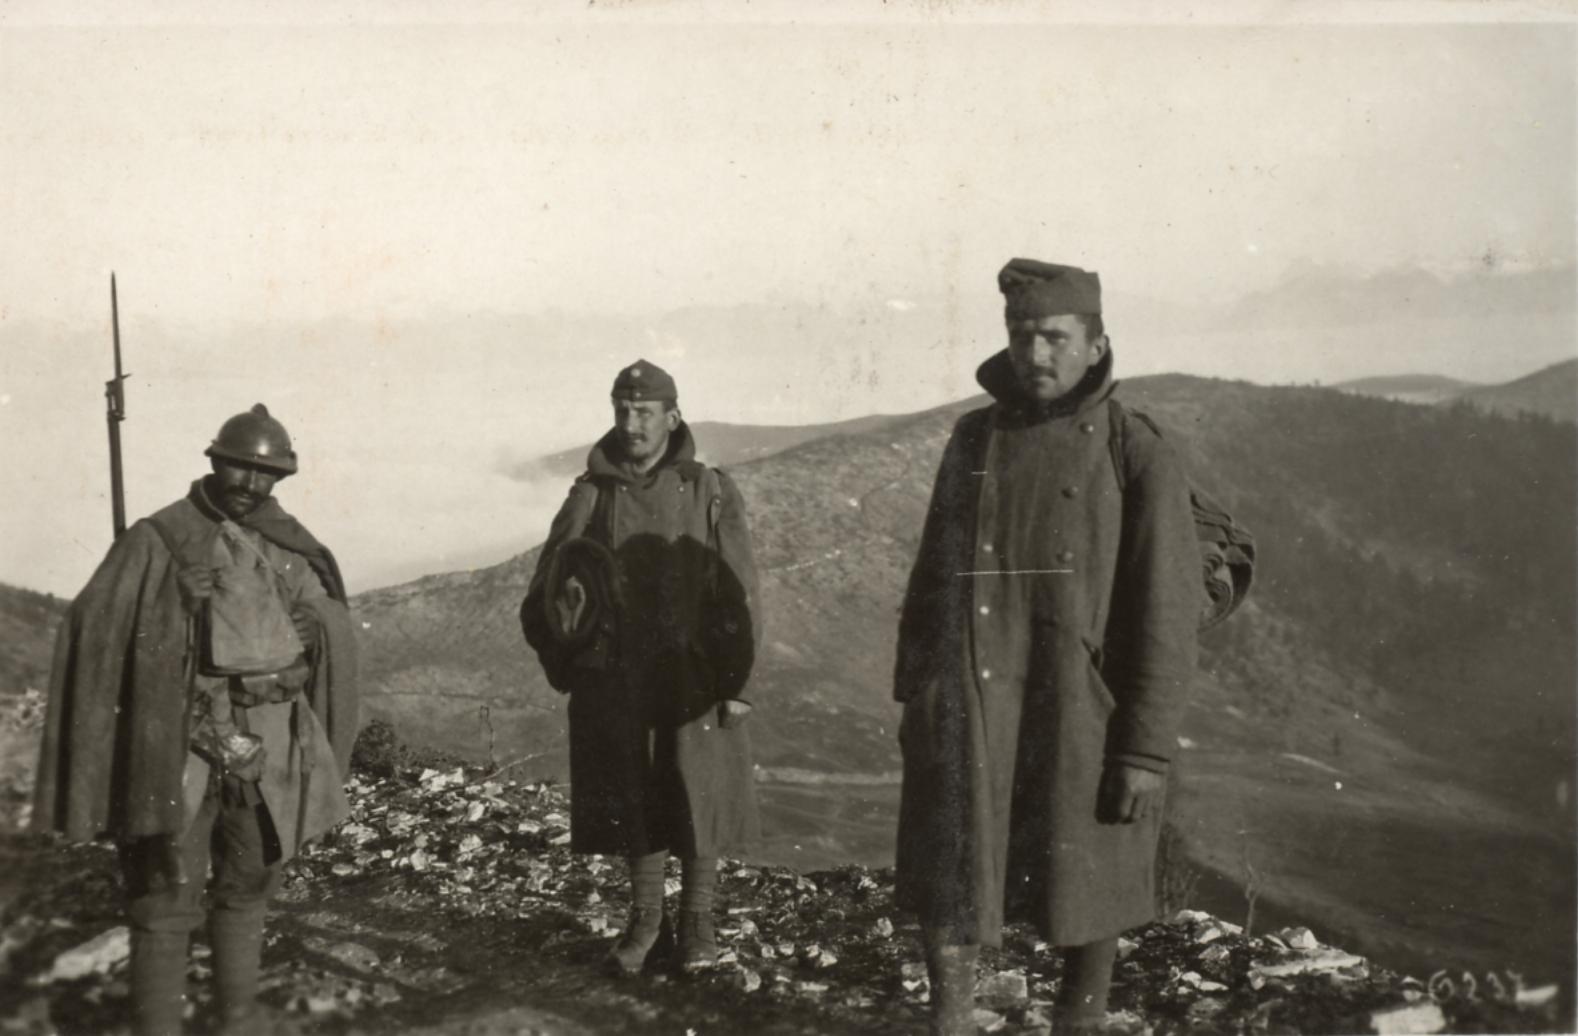 Prigionieri austroungarici catturati nella zona del Grappa e sorvegliati da una sentinella italiana